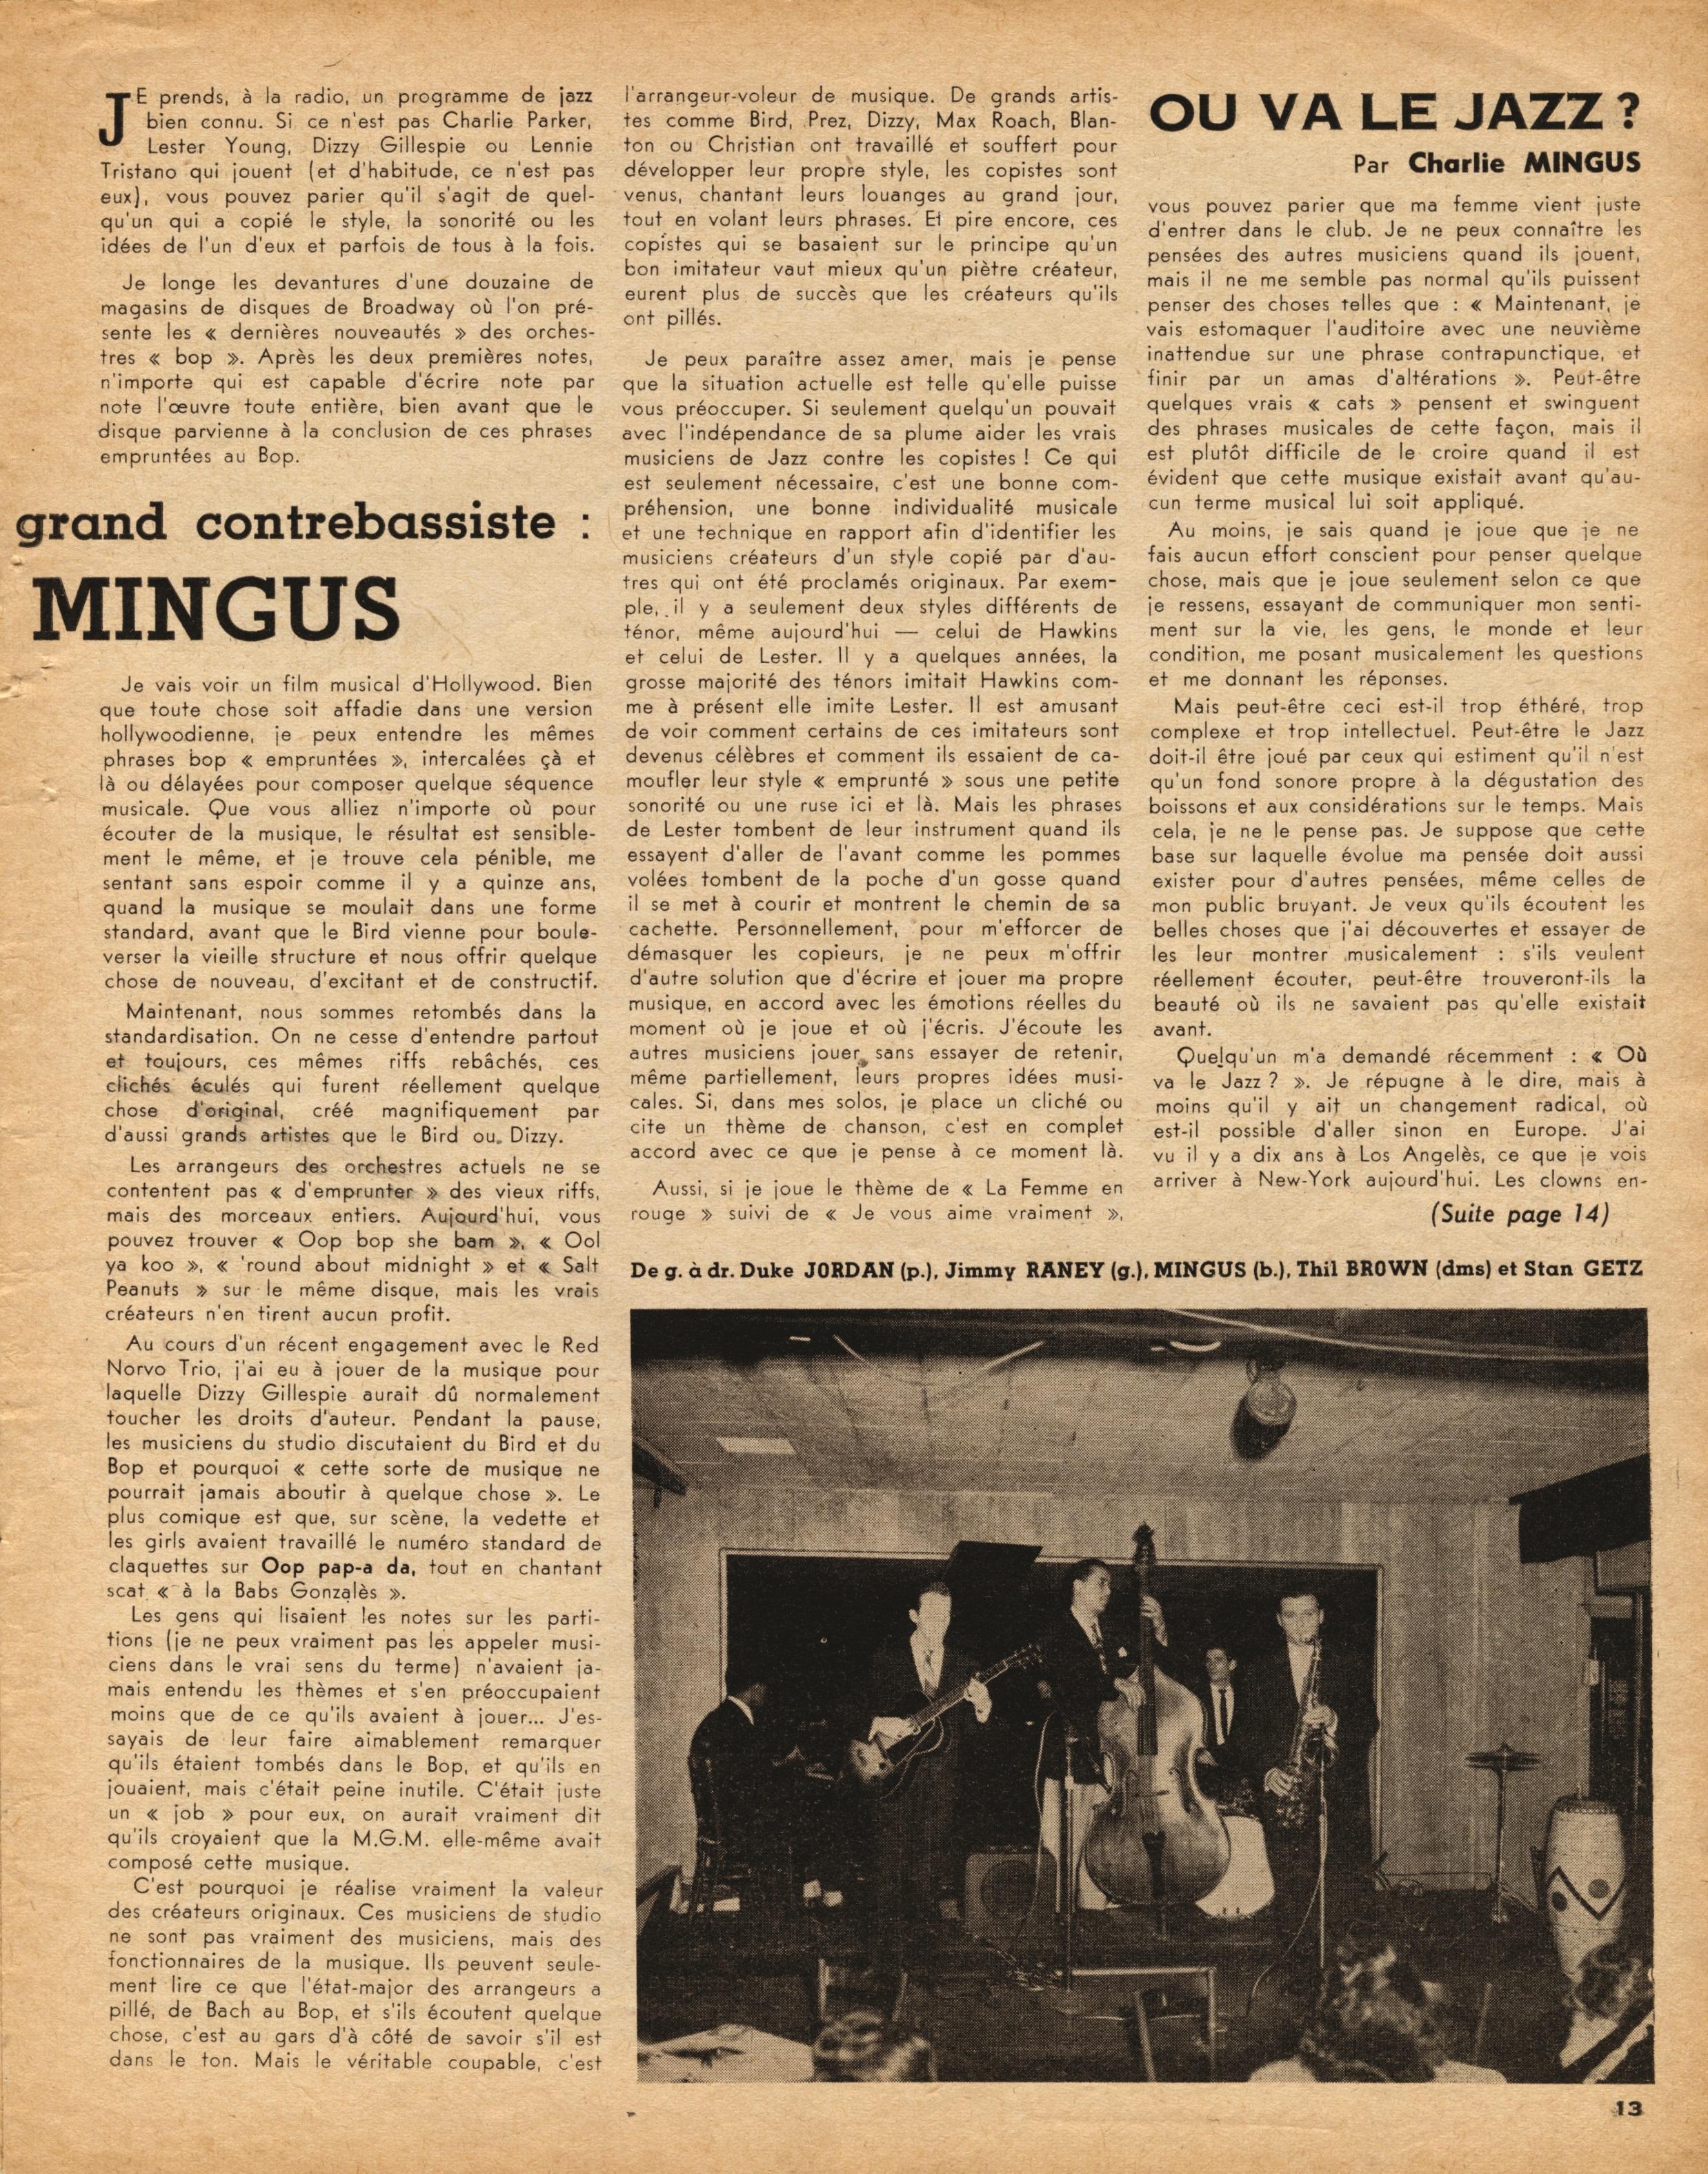 Première biographie écrite sur Charlie Mingus dans Jazz Hot par Marcel Fleiss.